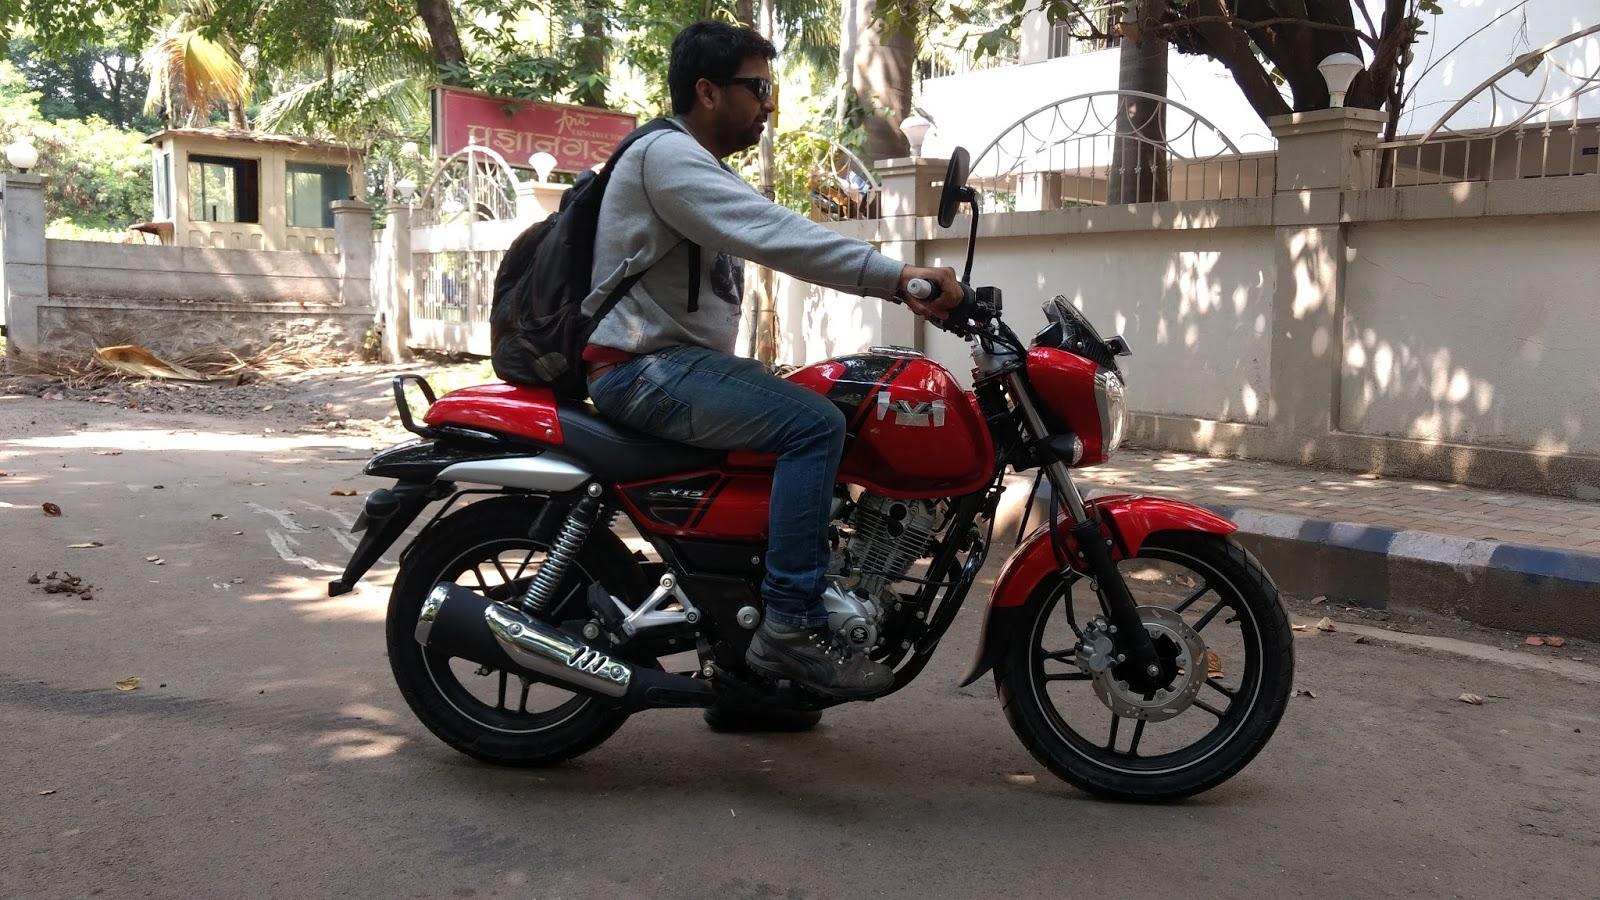 Bajaj V15 Vikrant Vs Pulsar 150 Comparison Review